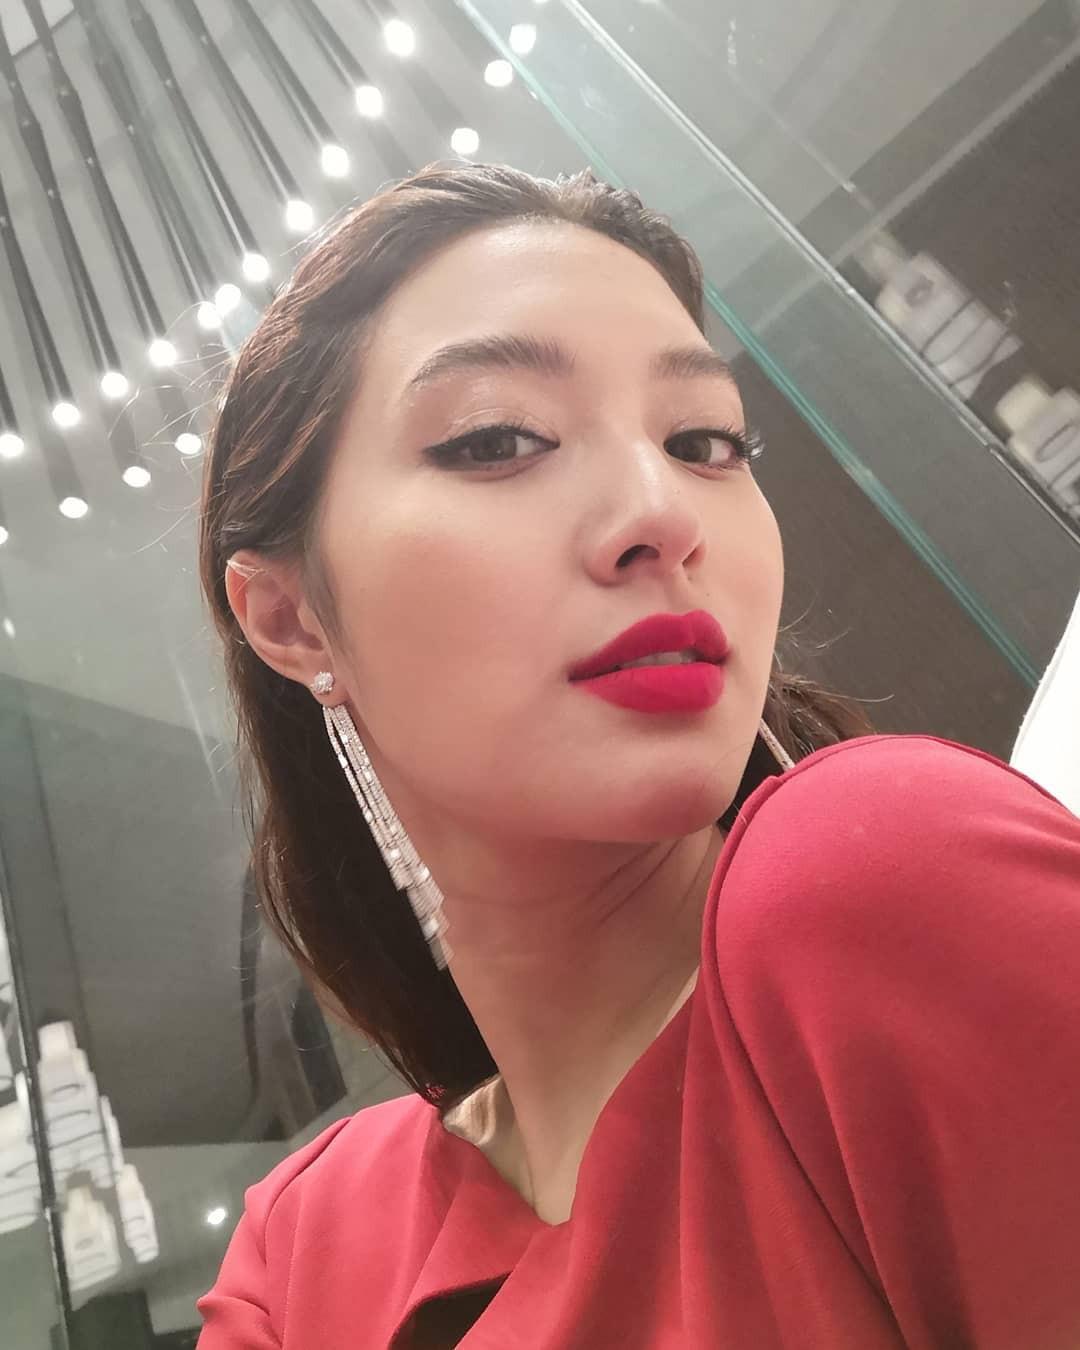 Top 10 mỹ nhân đẹp nhất đài truyền hình quyền lực Thái Lan: Toàn 9X đắt giá nhưng vẫn bị chị đại quyền lực vượt mặt - Ảnh 15.